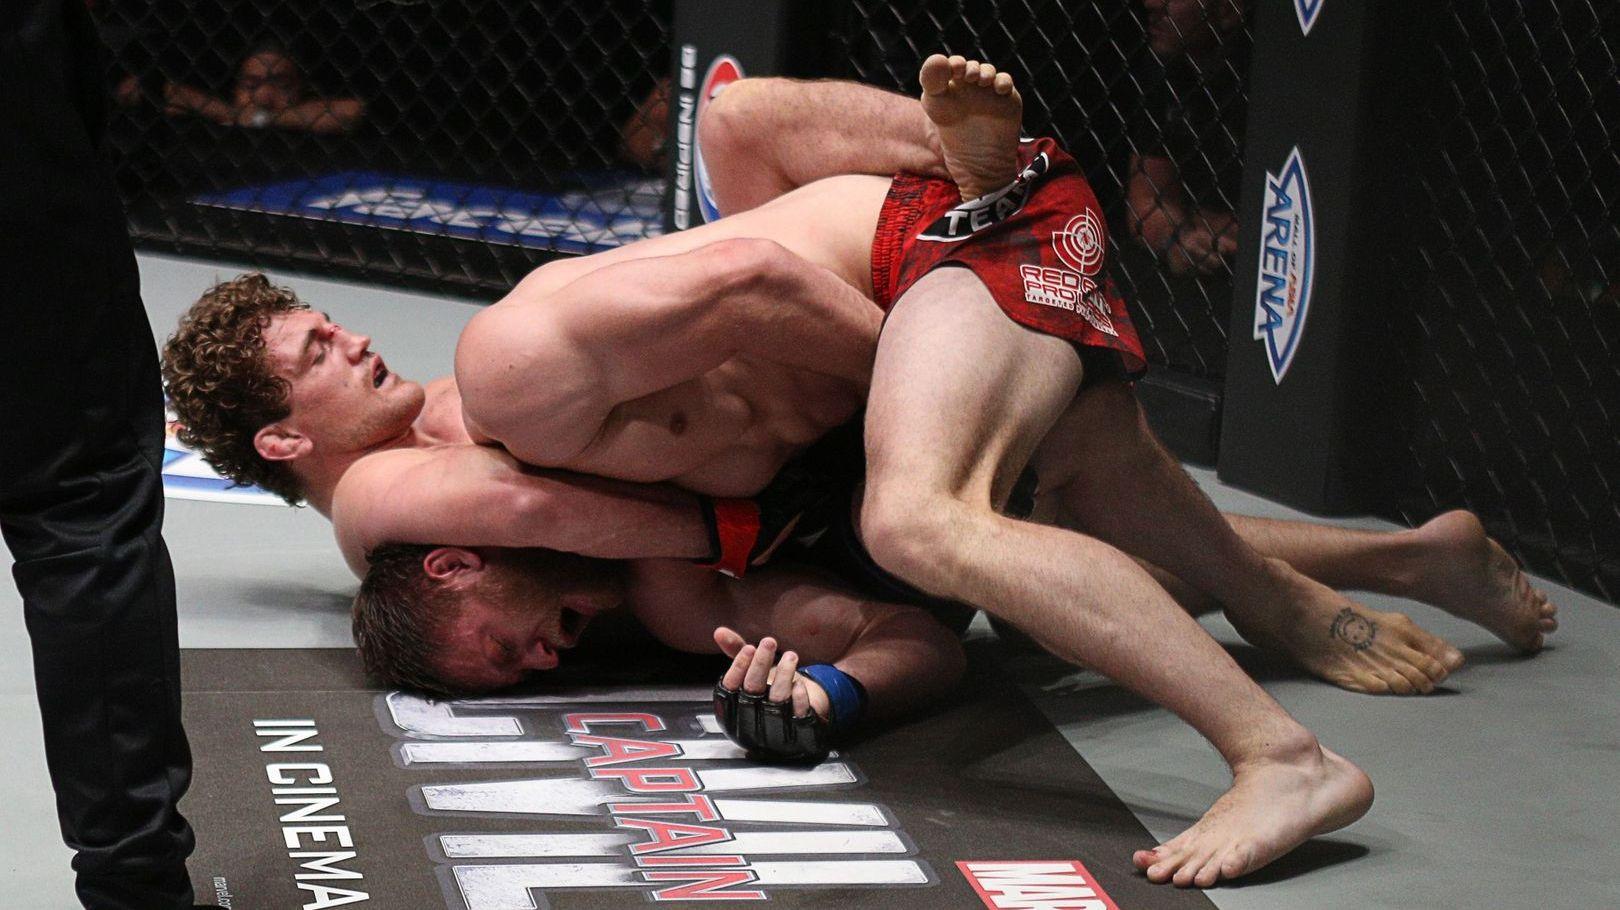 Wrestler-MMA